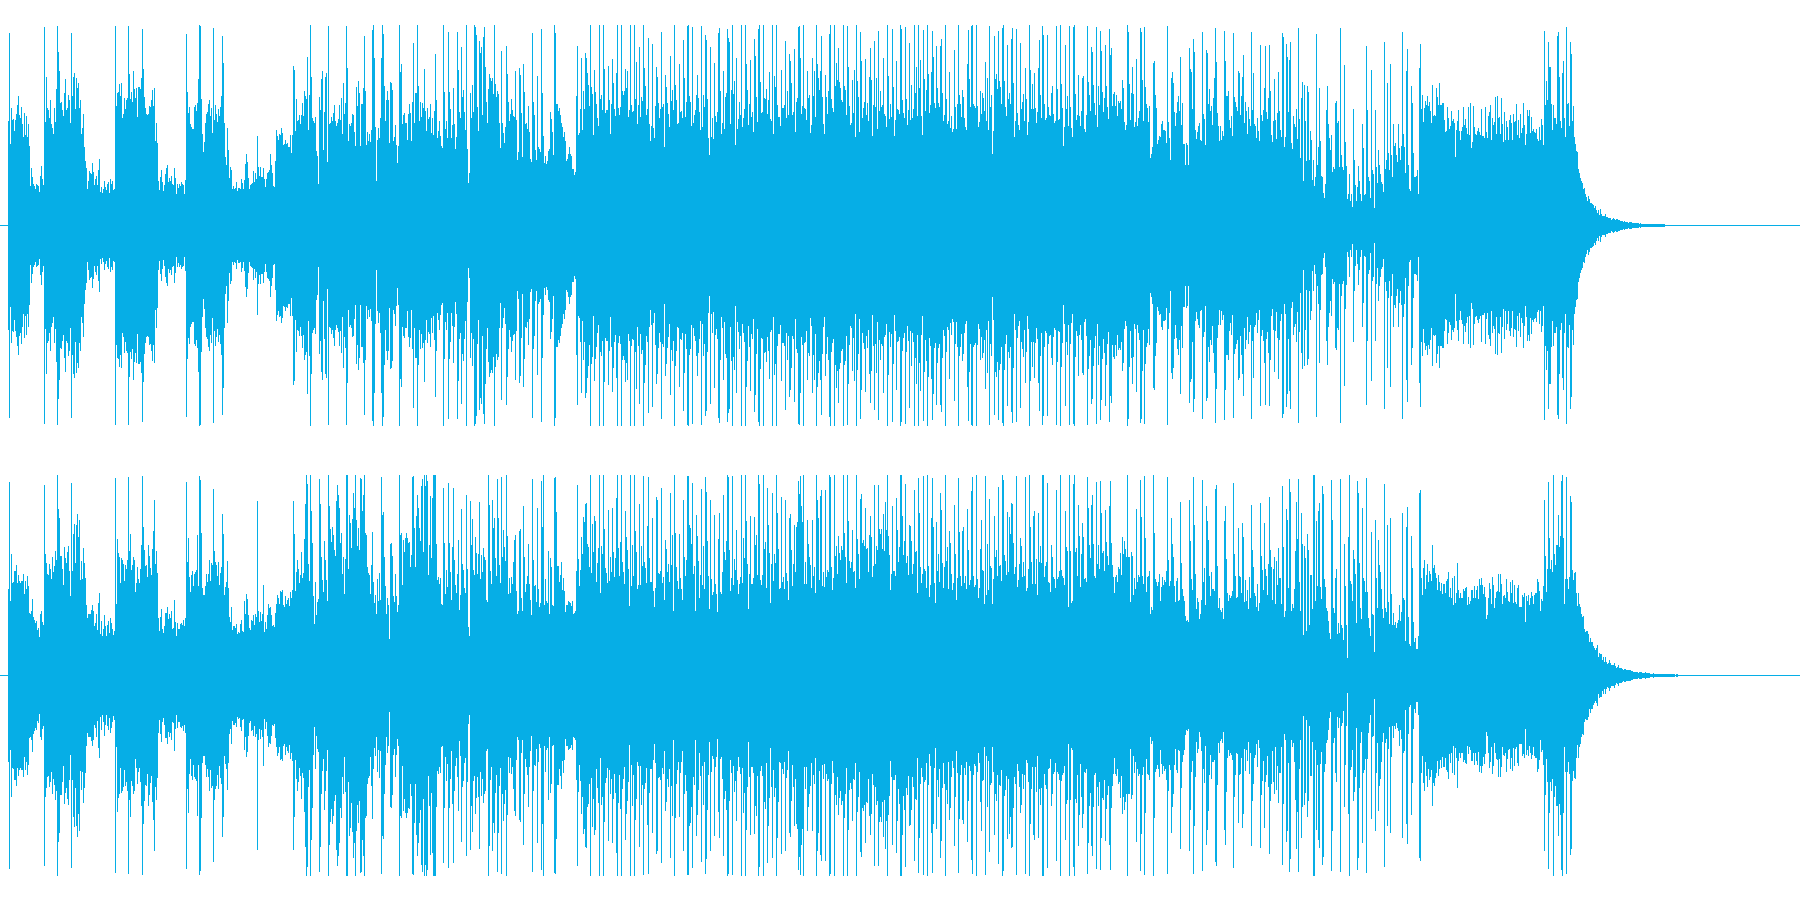 緊迫感溢れる高速ヘヴィメタルの再生済みの波形